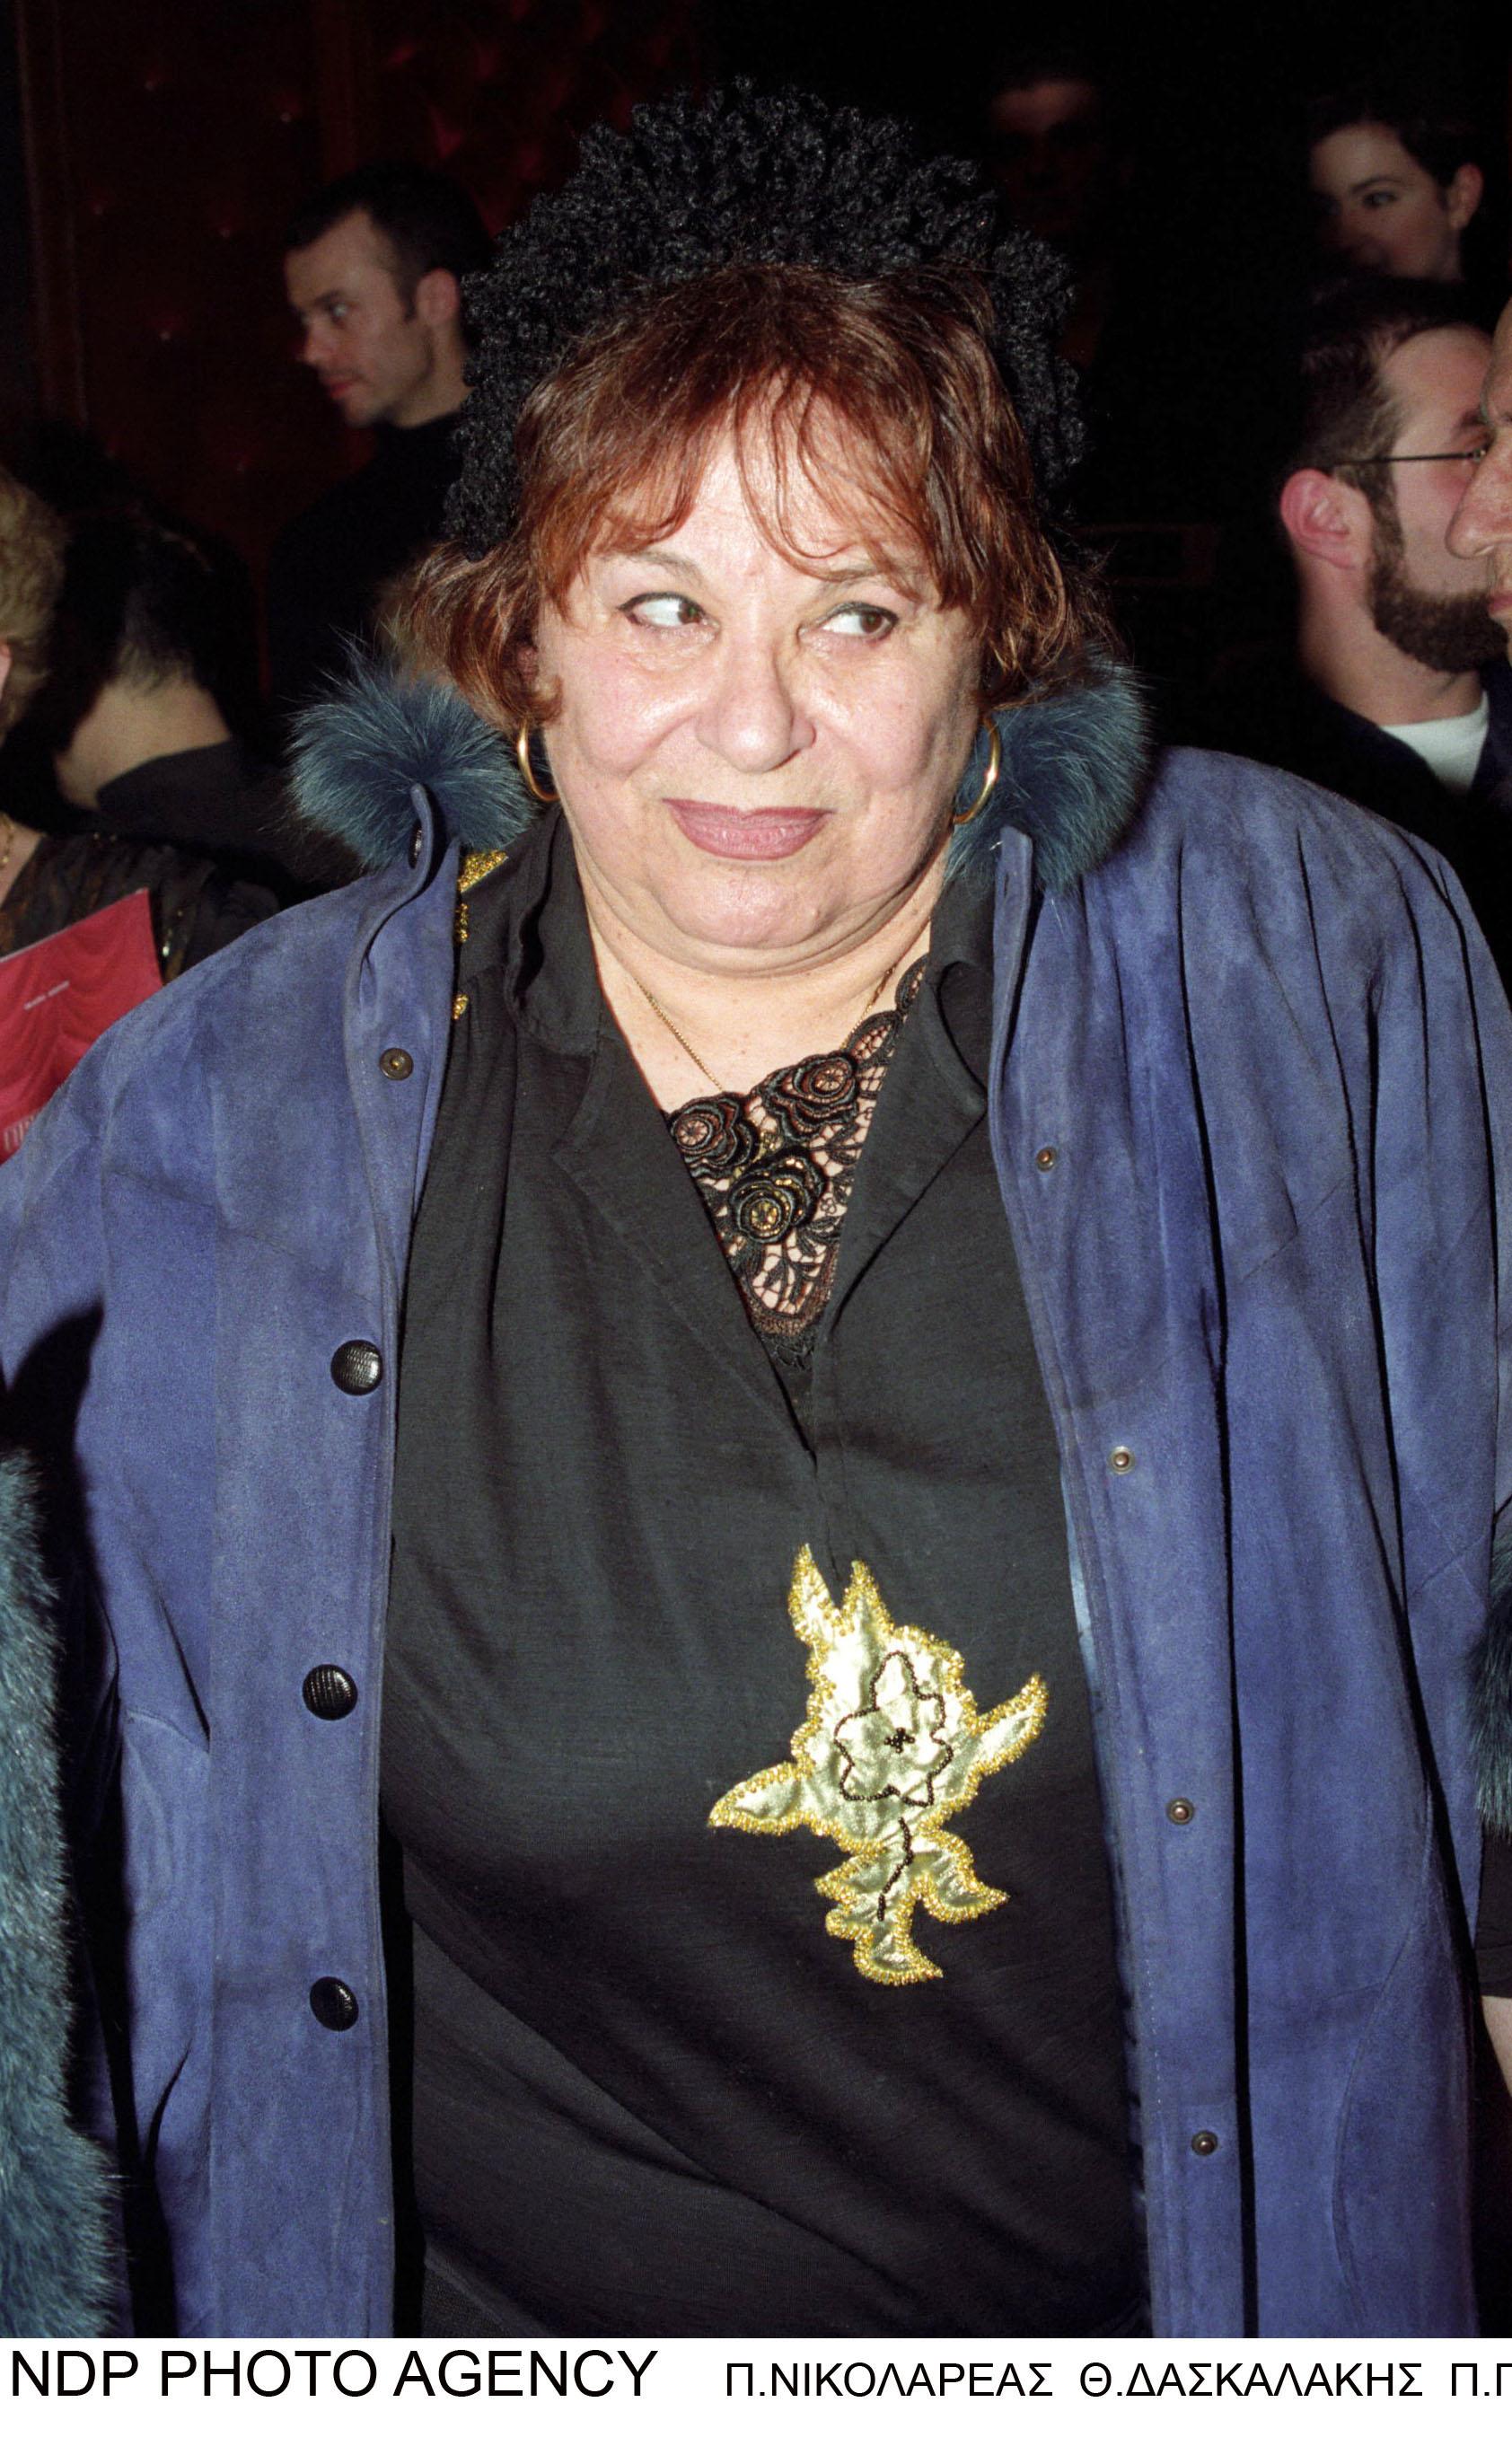 Η Σπεράντζα Βρανά σε μία από τις τελευταίες εμφανίσεις της